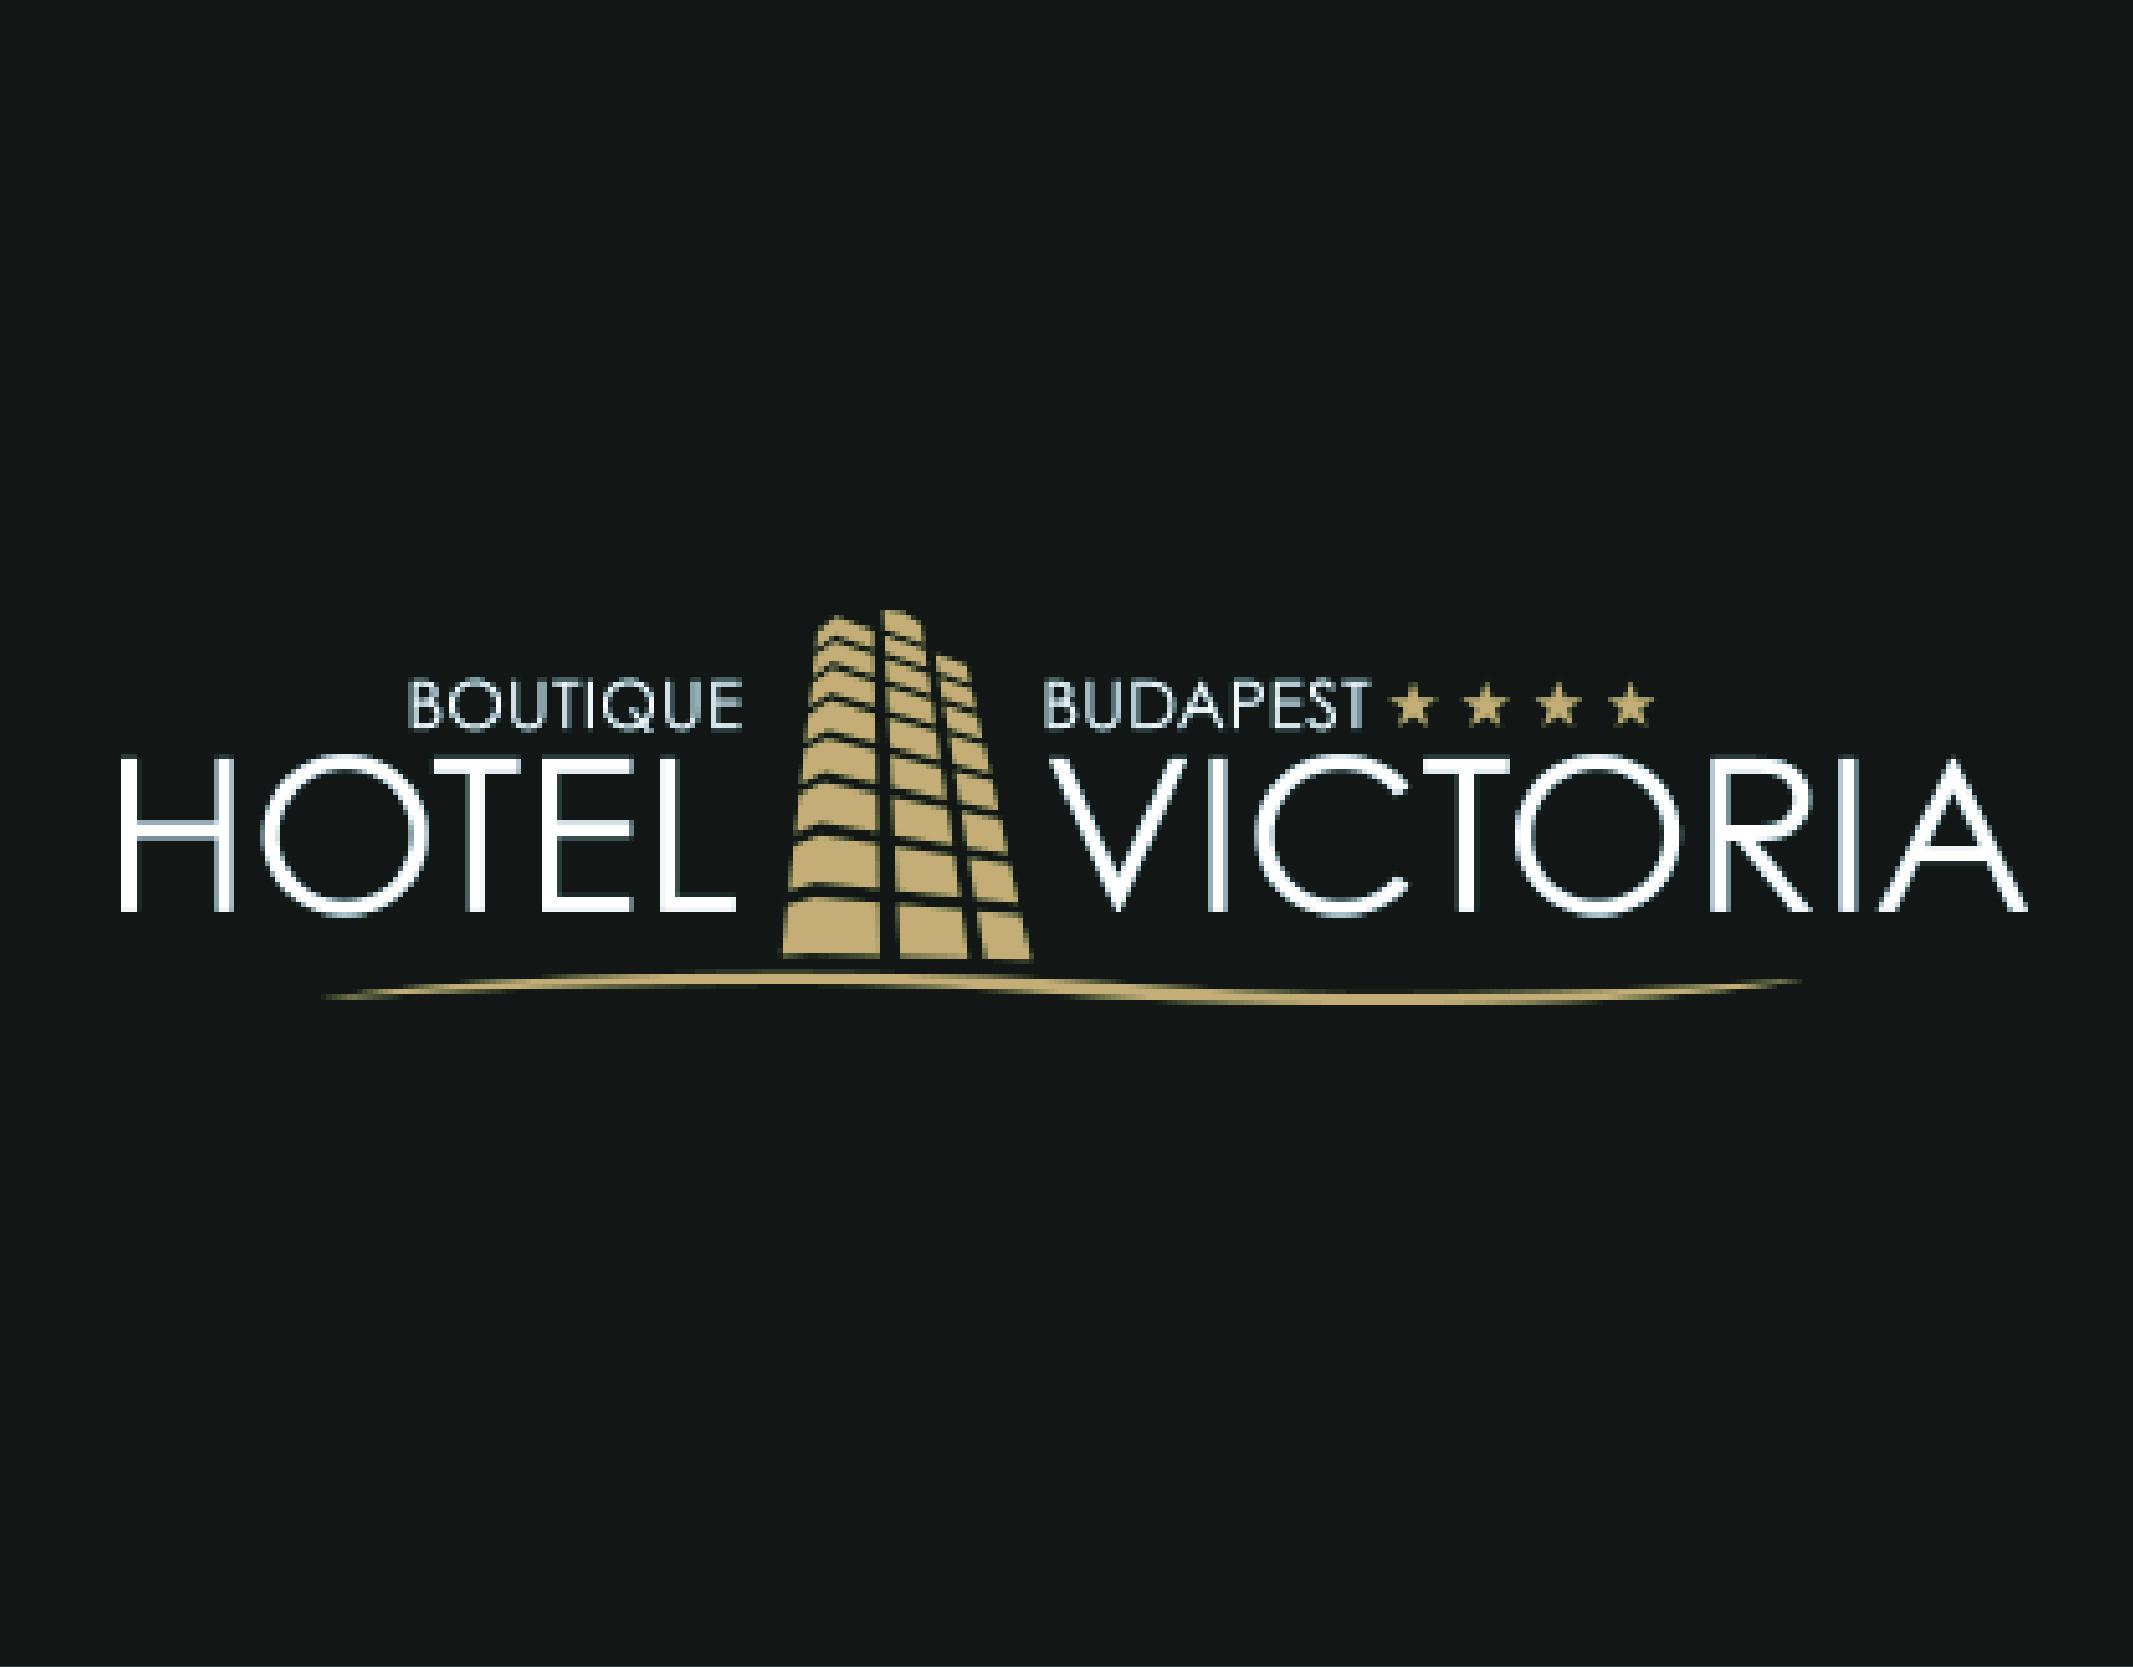 Victoria Budapest Boutique Hotel